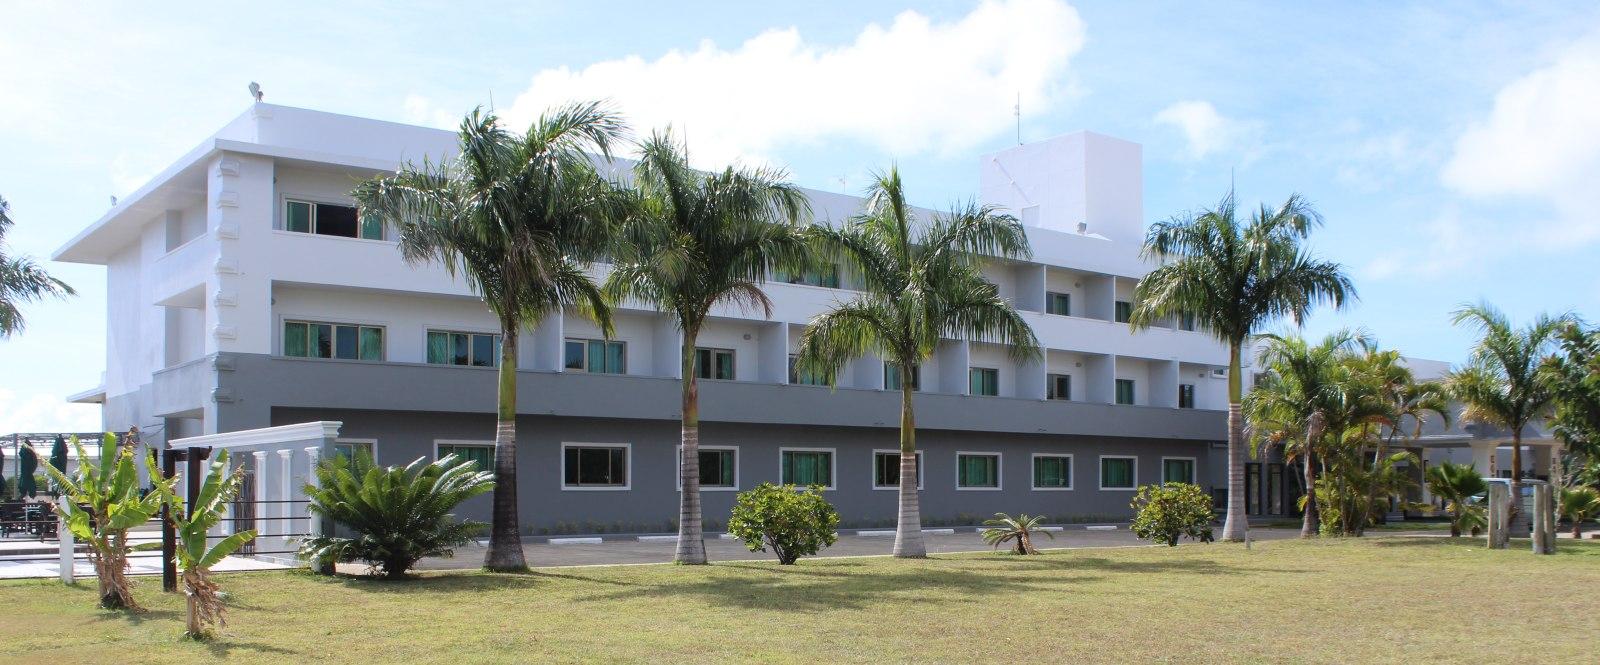 10 Best Hotels in Tongatapu